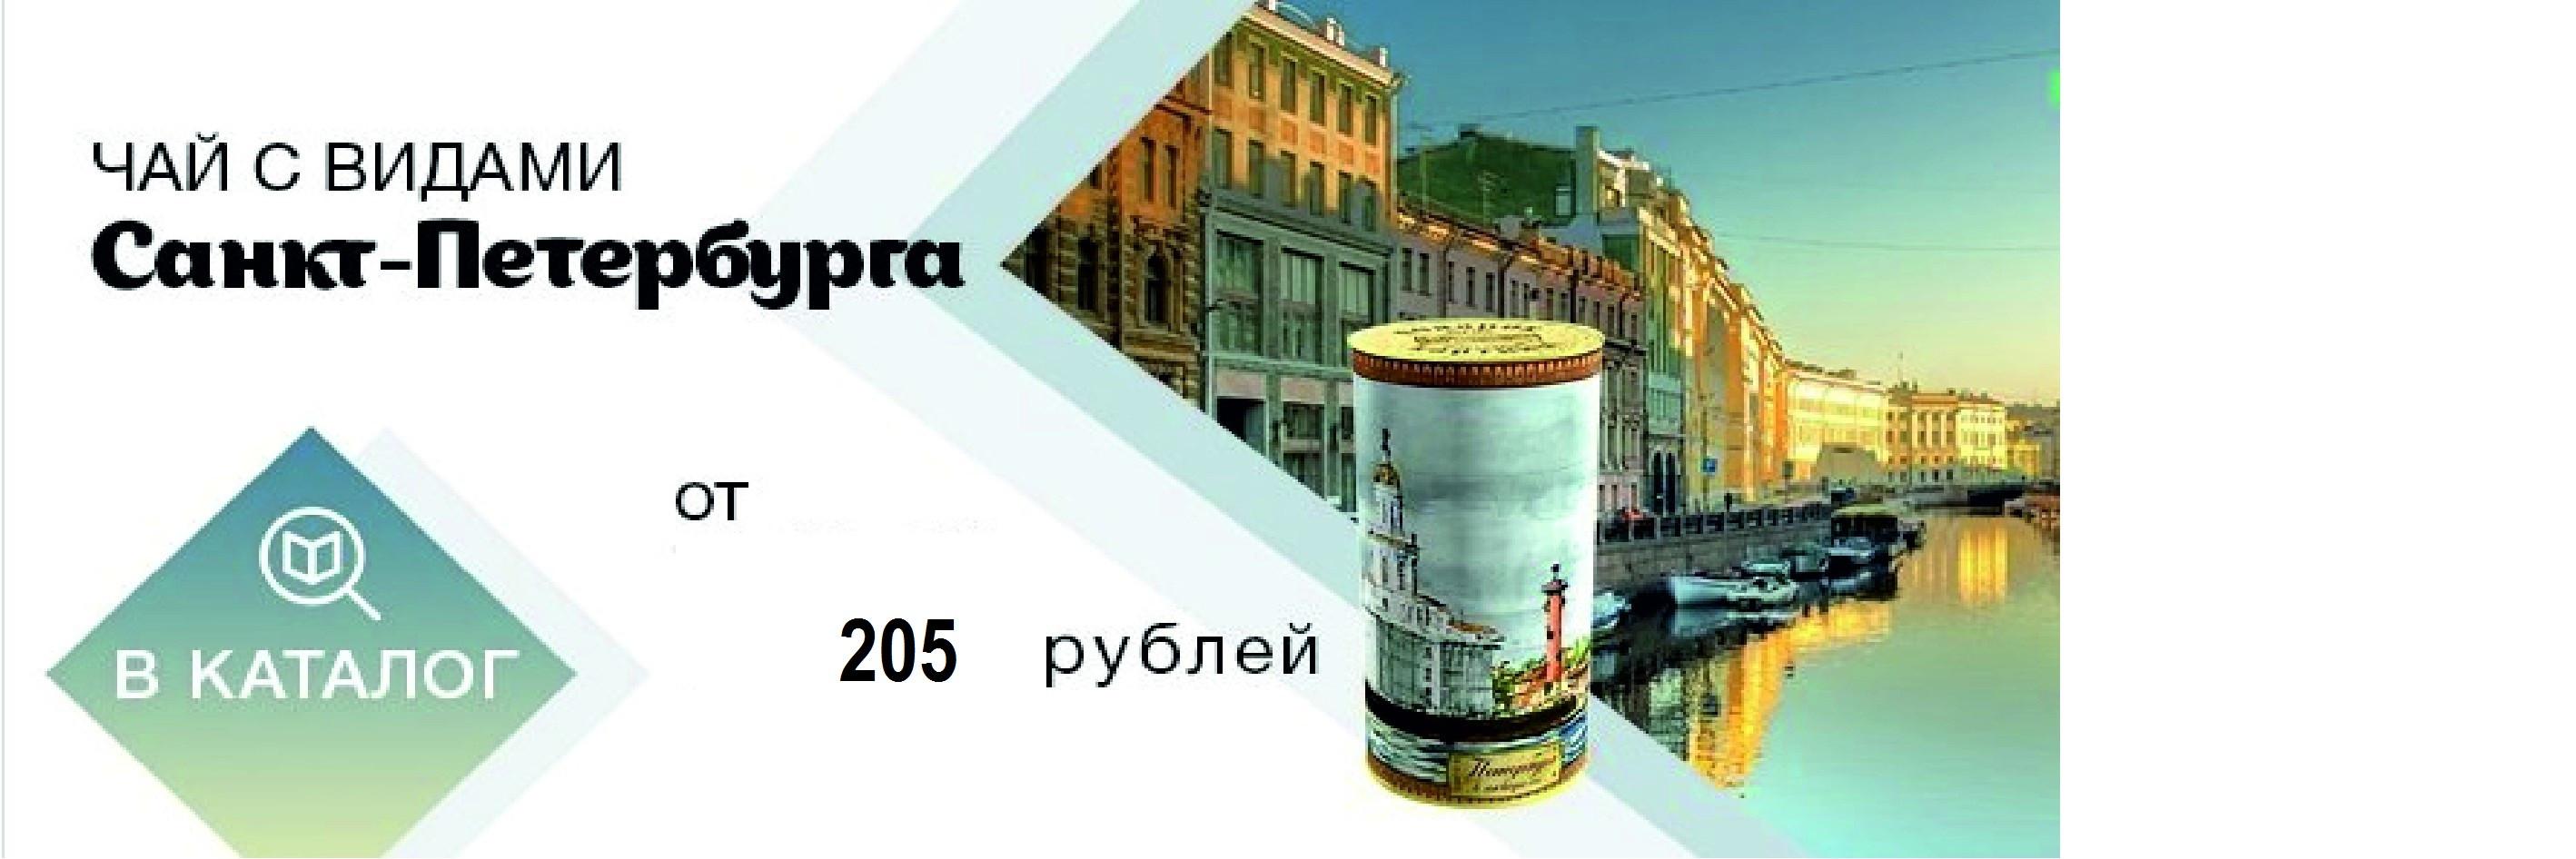 Чай с видами СПб